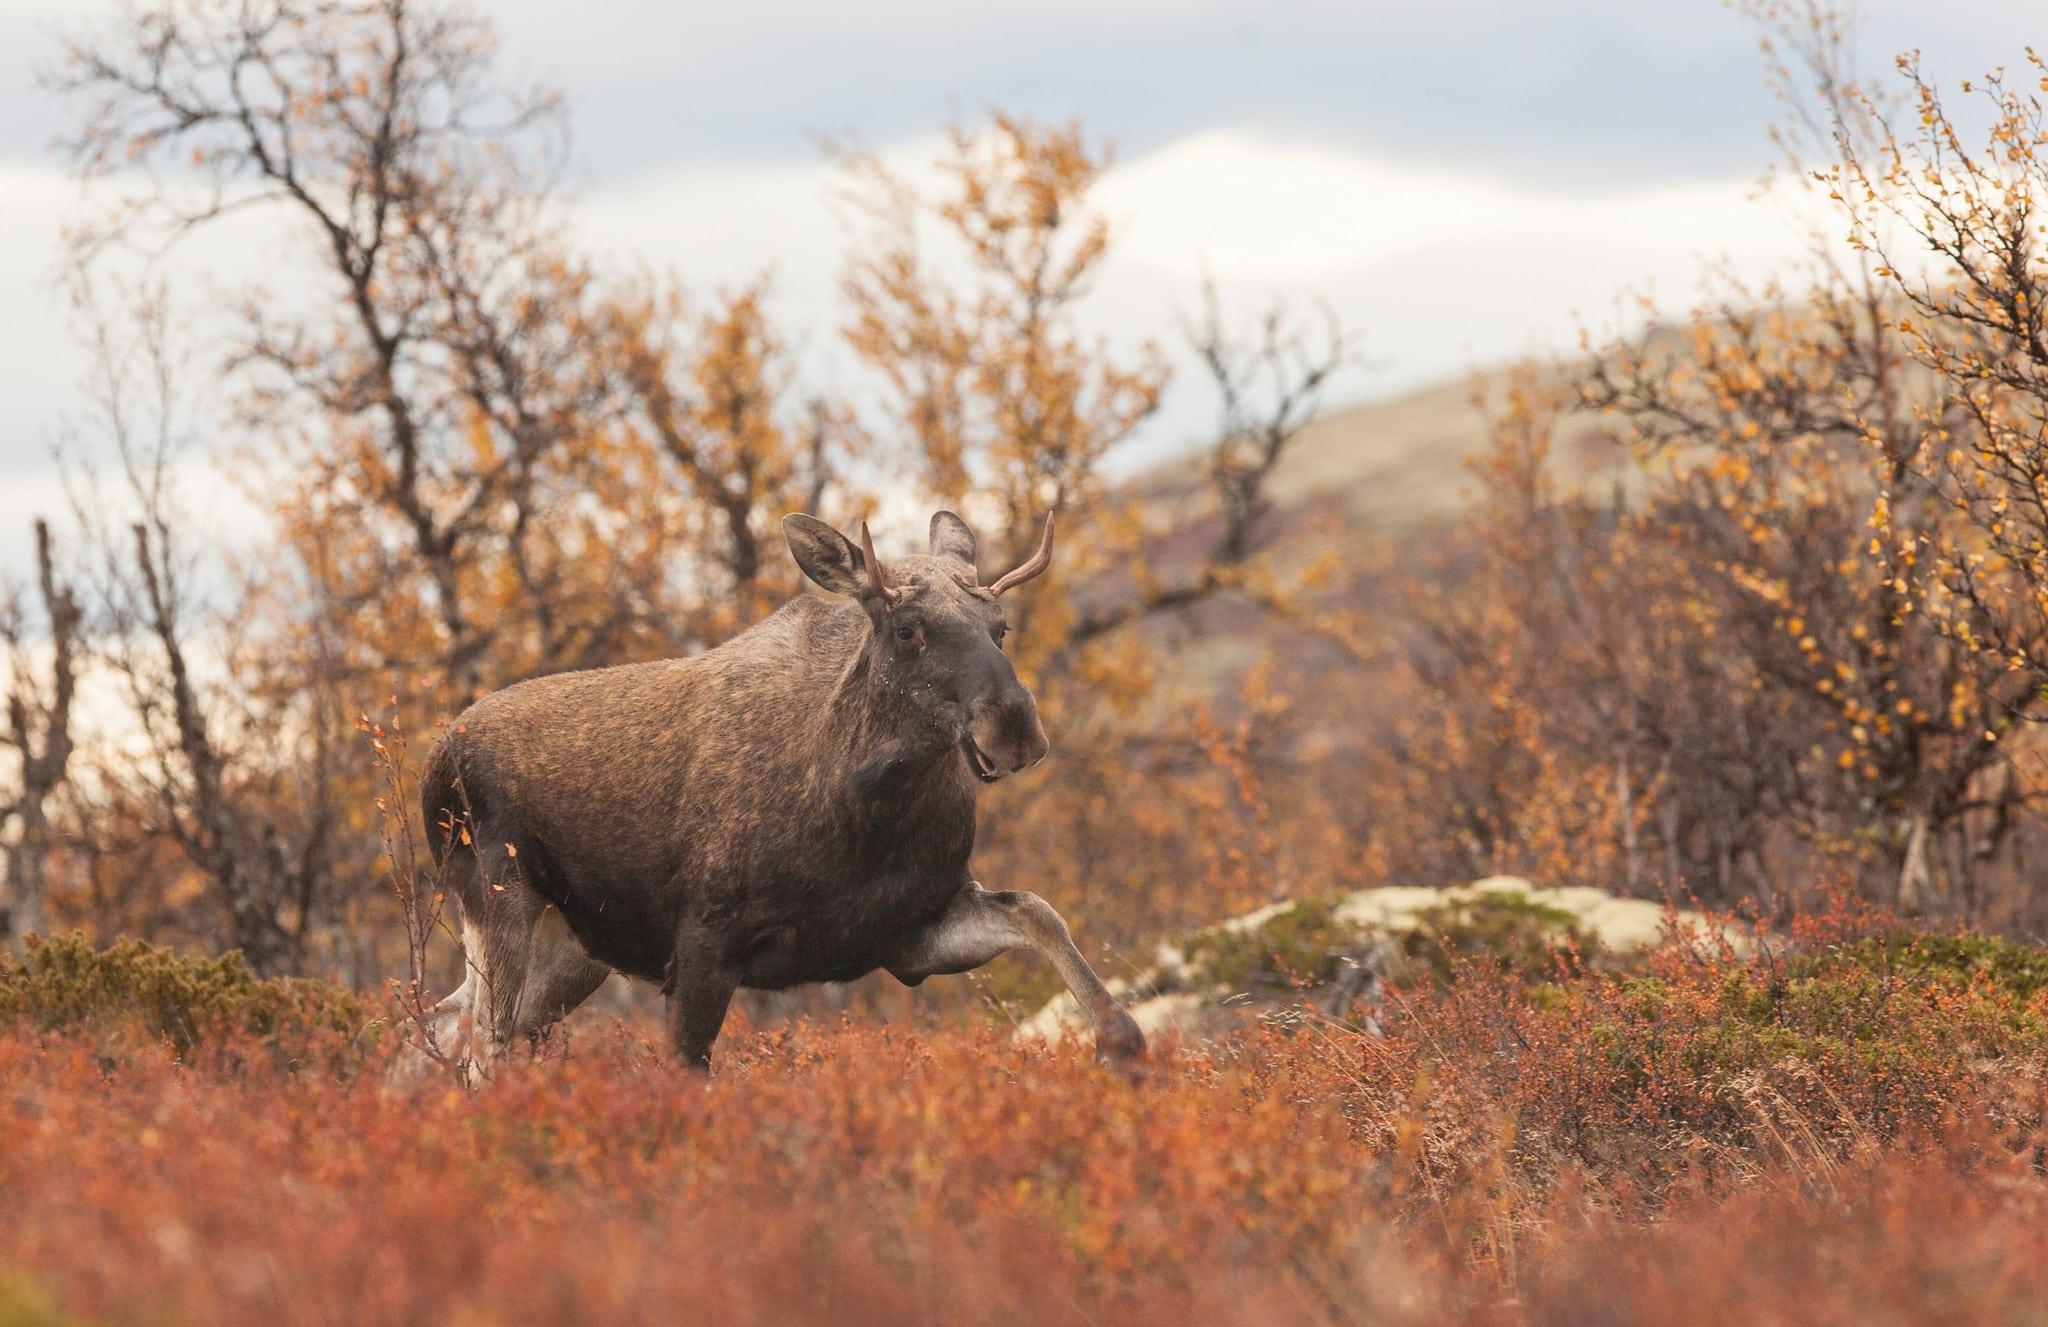 De överklagade jakträttsbesluten ska förhoppningsvis vara avgjorda innan älgjakten startar i norr. Foto: Kjell-Erik Moseid